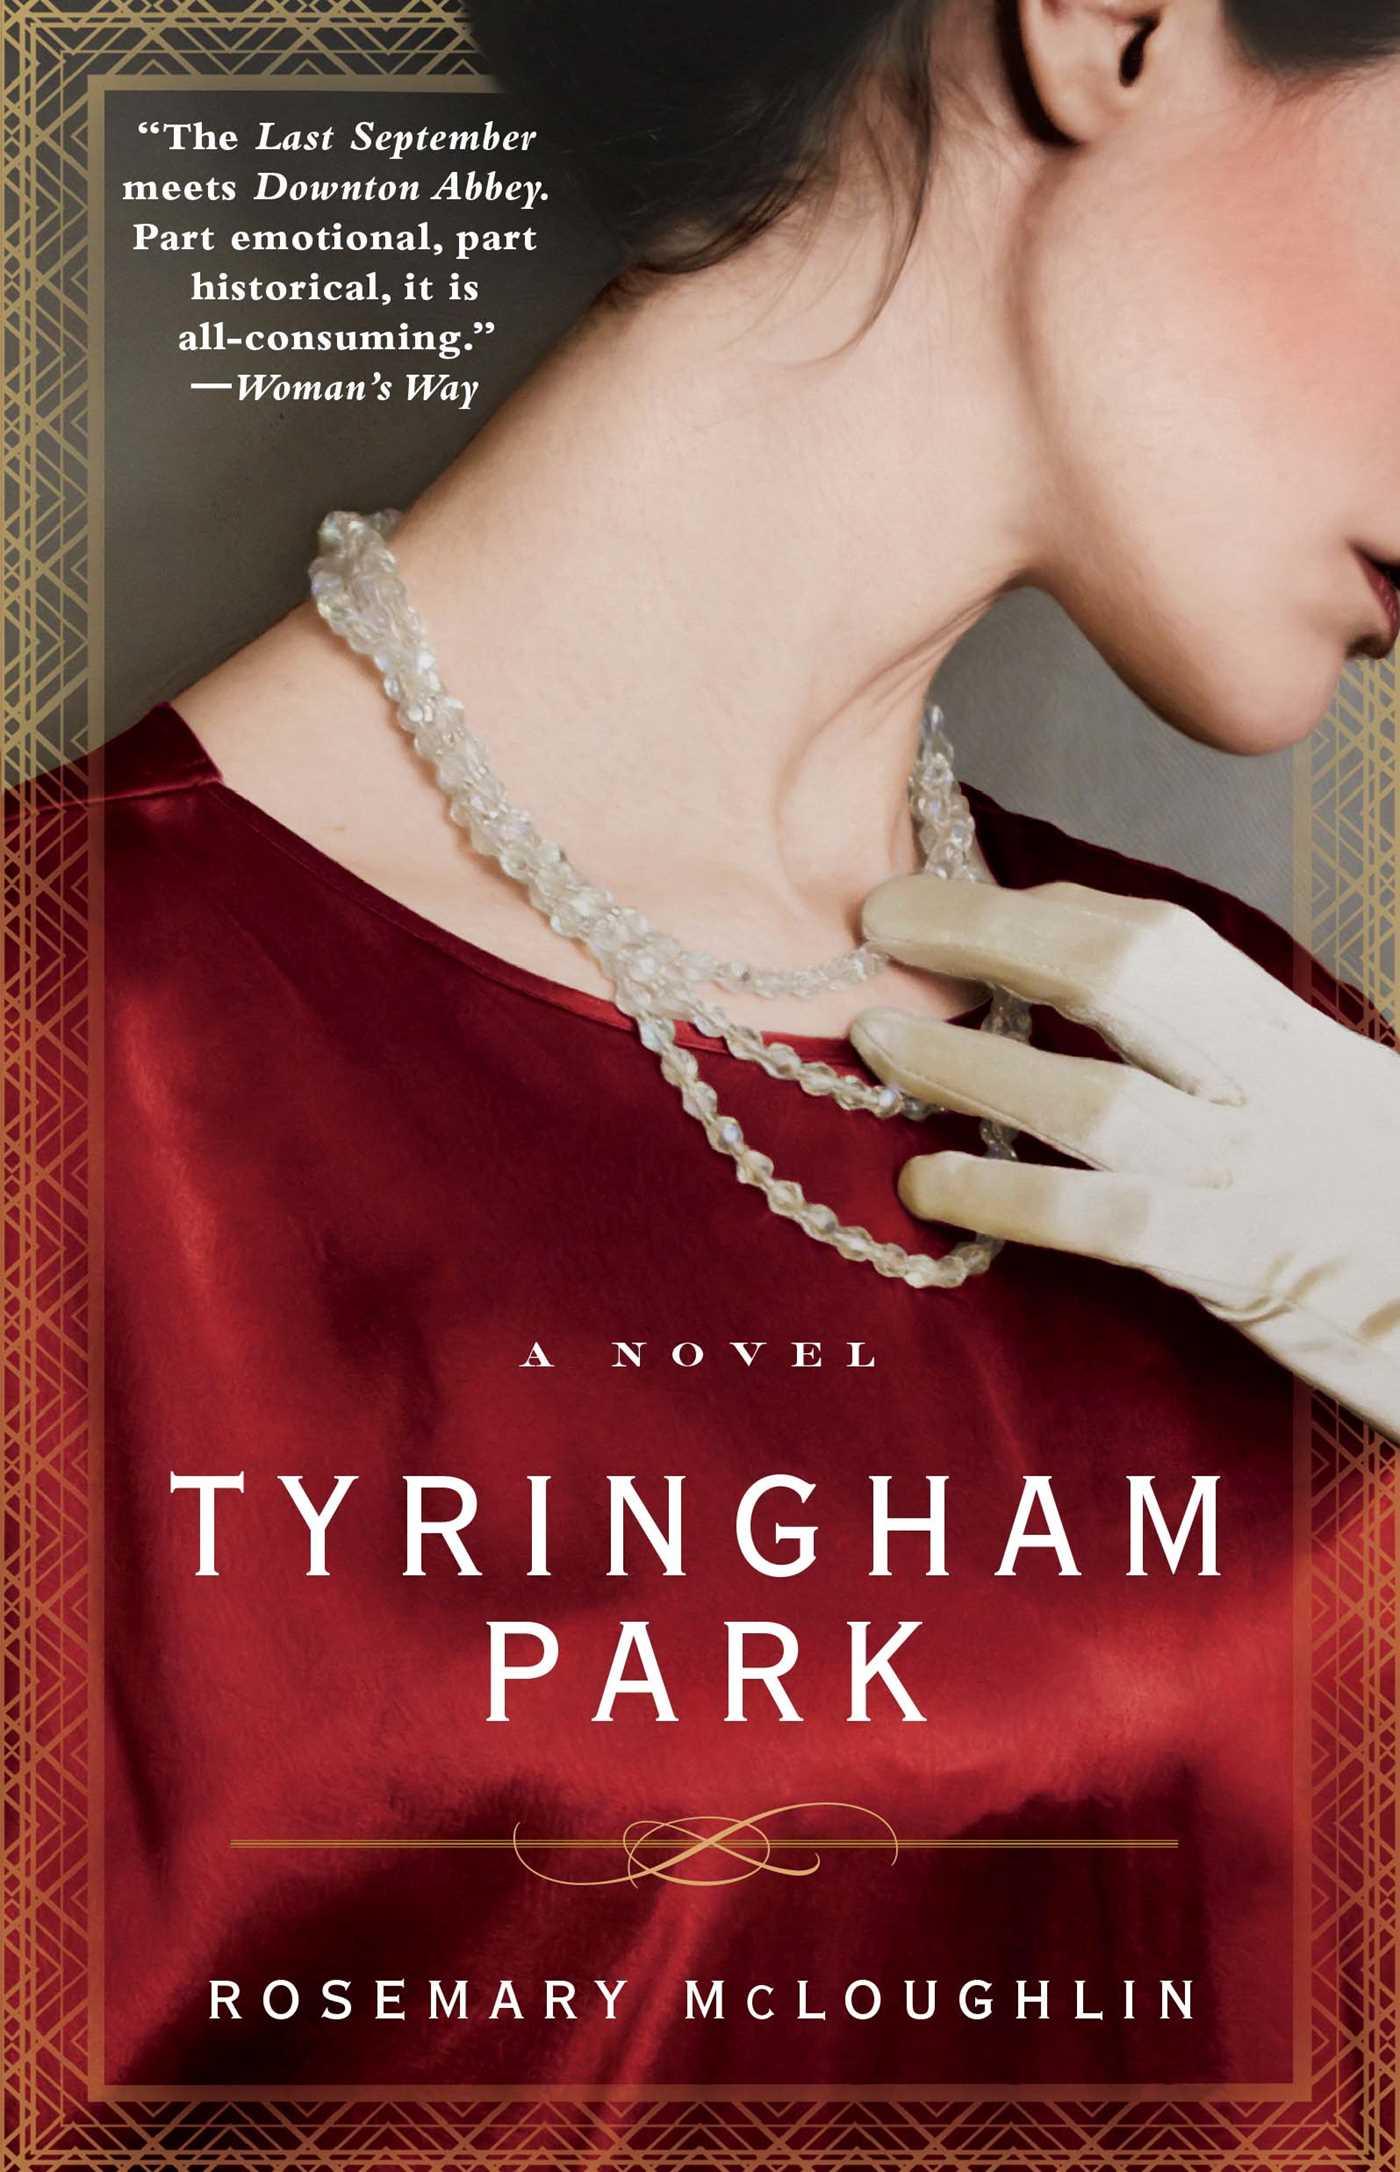 Tyringham park 9781476733104 hr